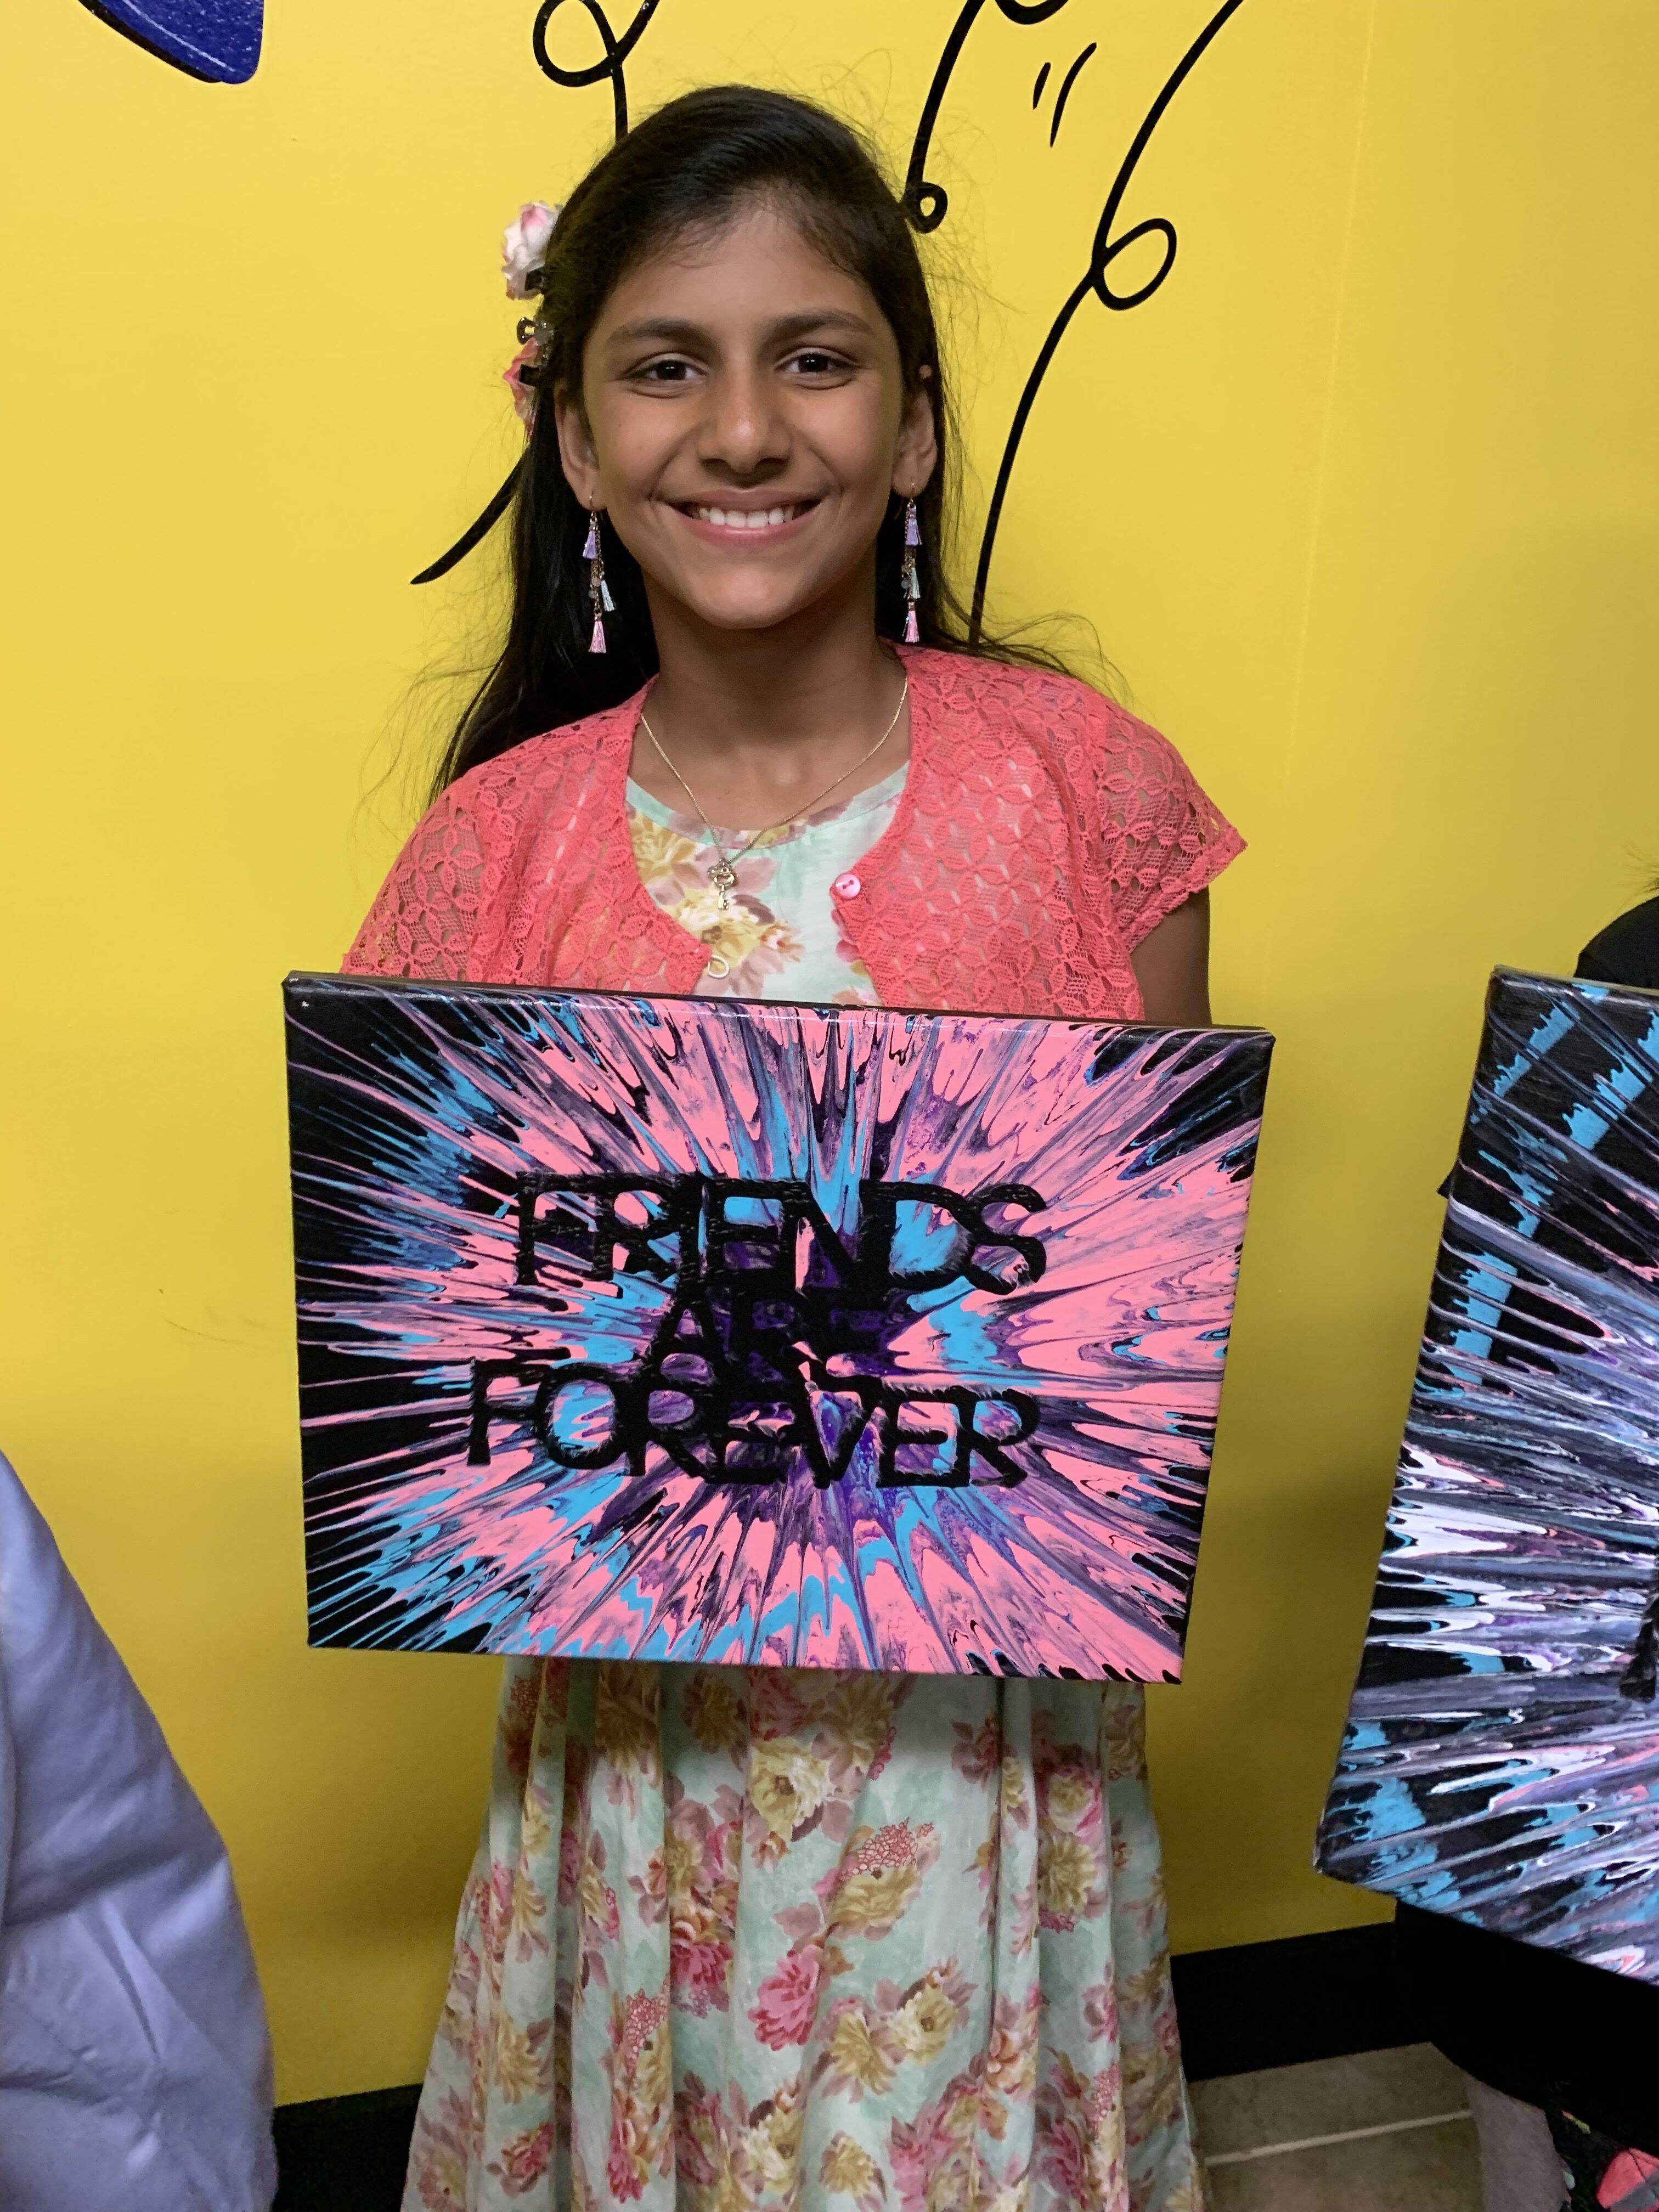 Spin art girl